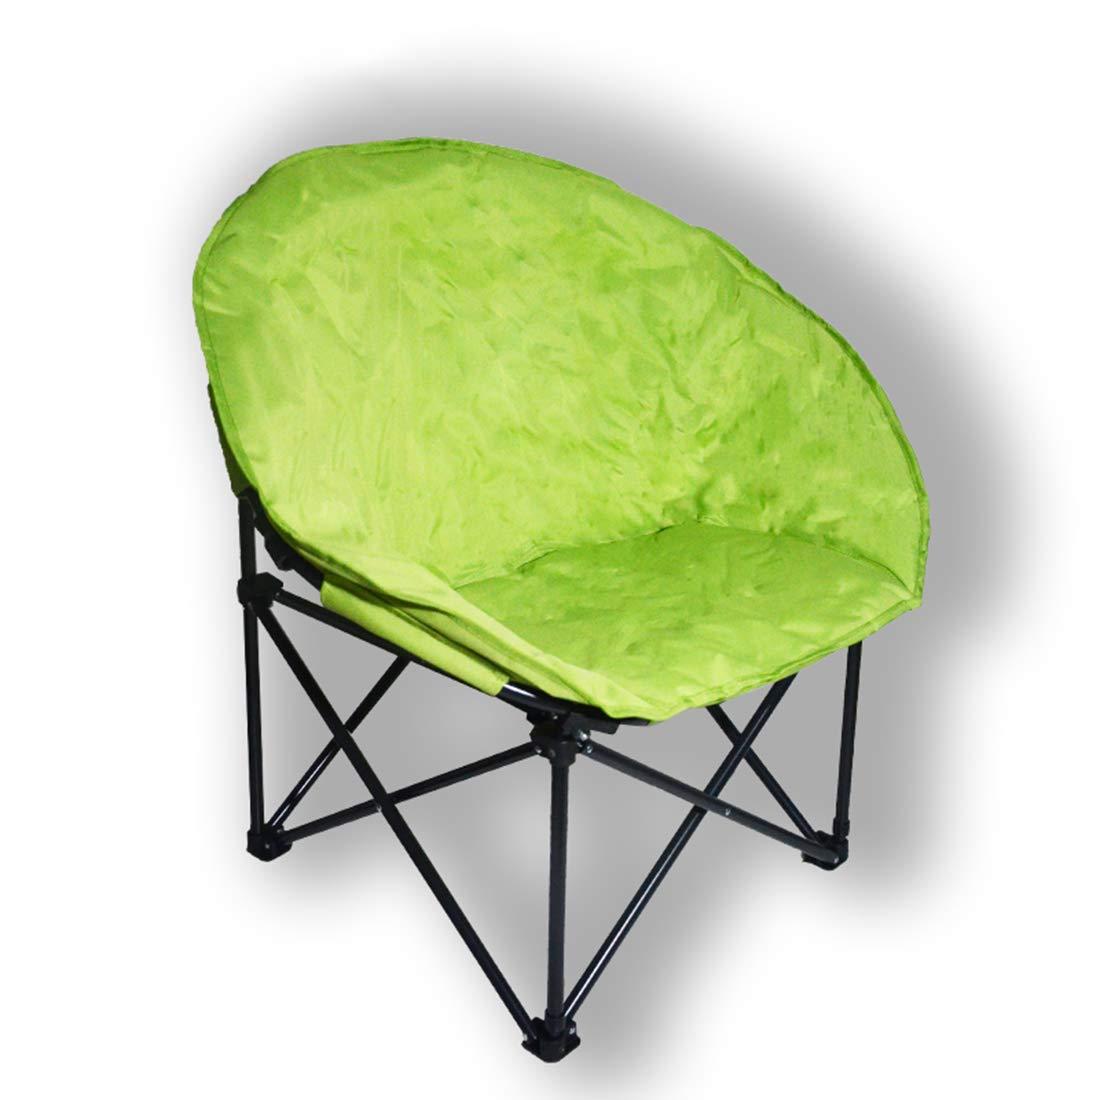 Gmnoy Moon Lounge Chair Pieghevole rossoondo Oxford Panno Tubo di Ferro da Spiaggia Pesca Campeggio Portatile Divano Esterno,verde